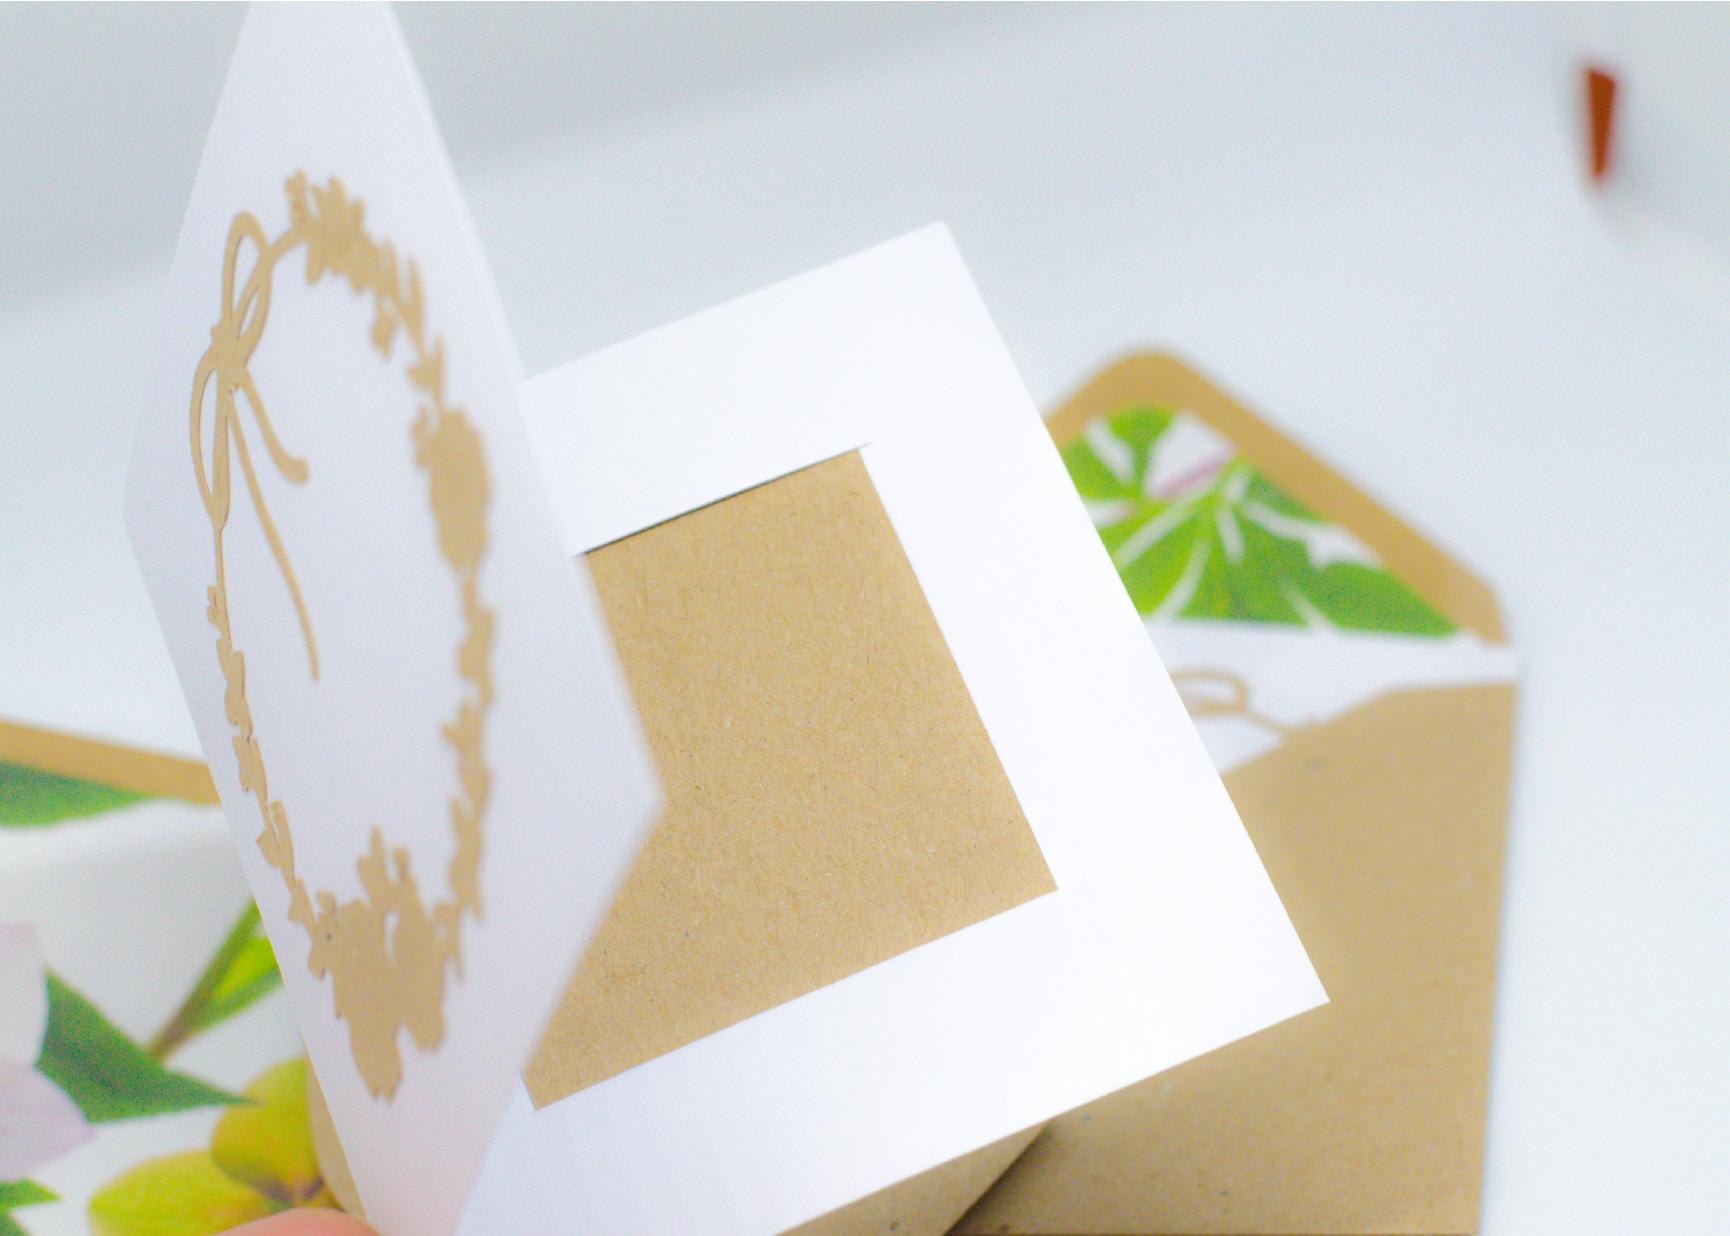 Creazioni-biglietti-regalo-gift-card-4